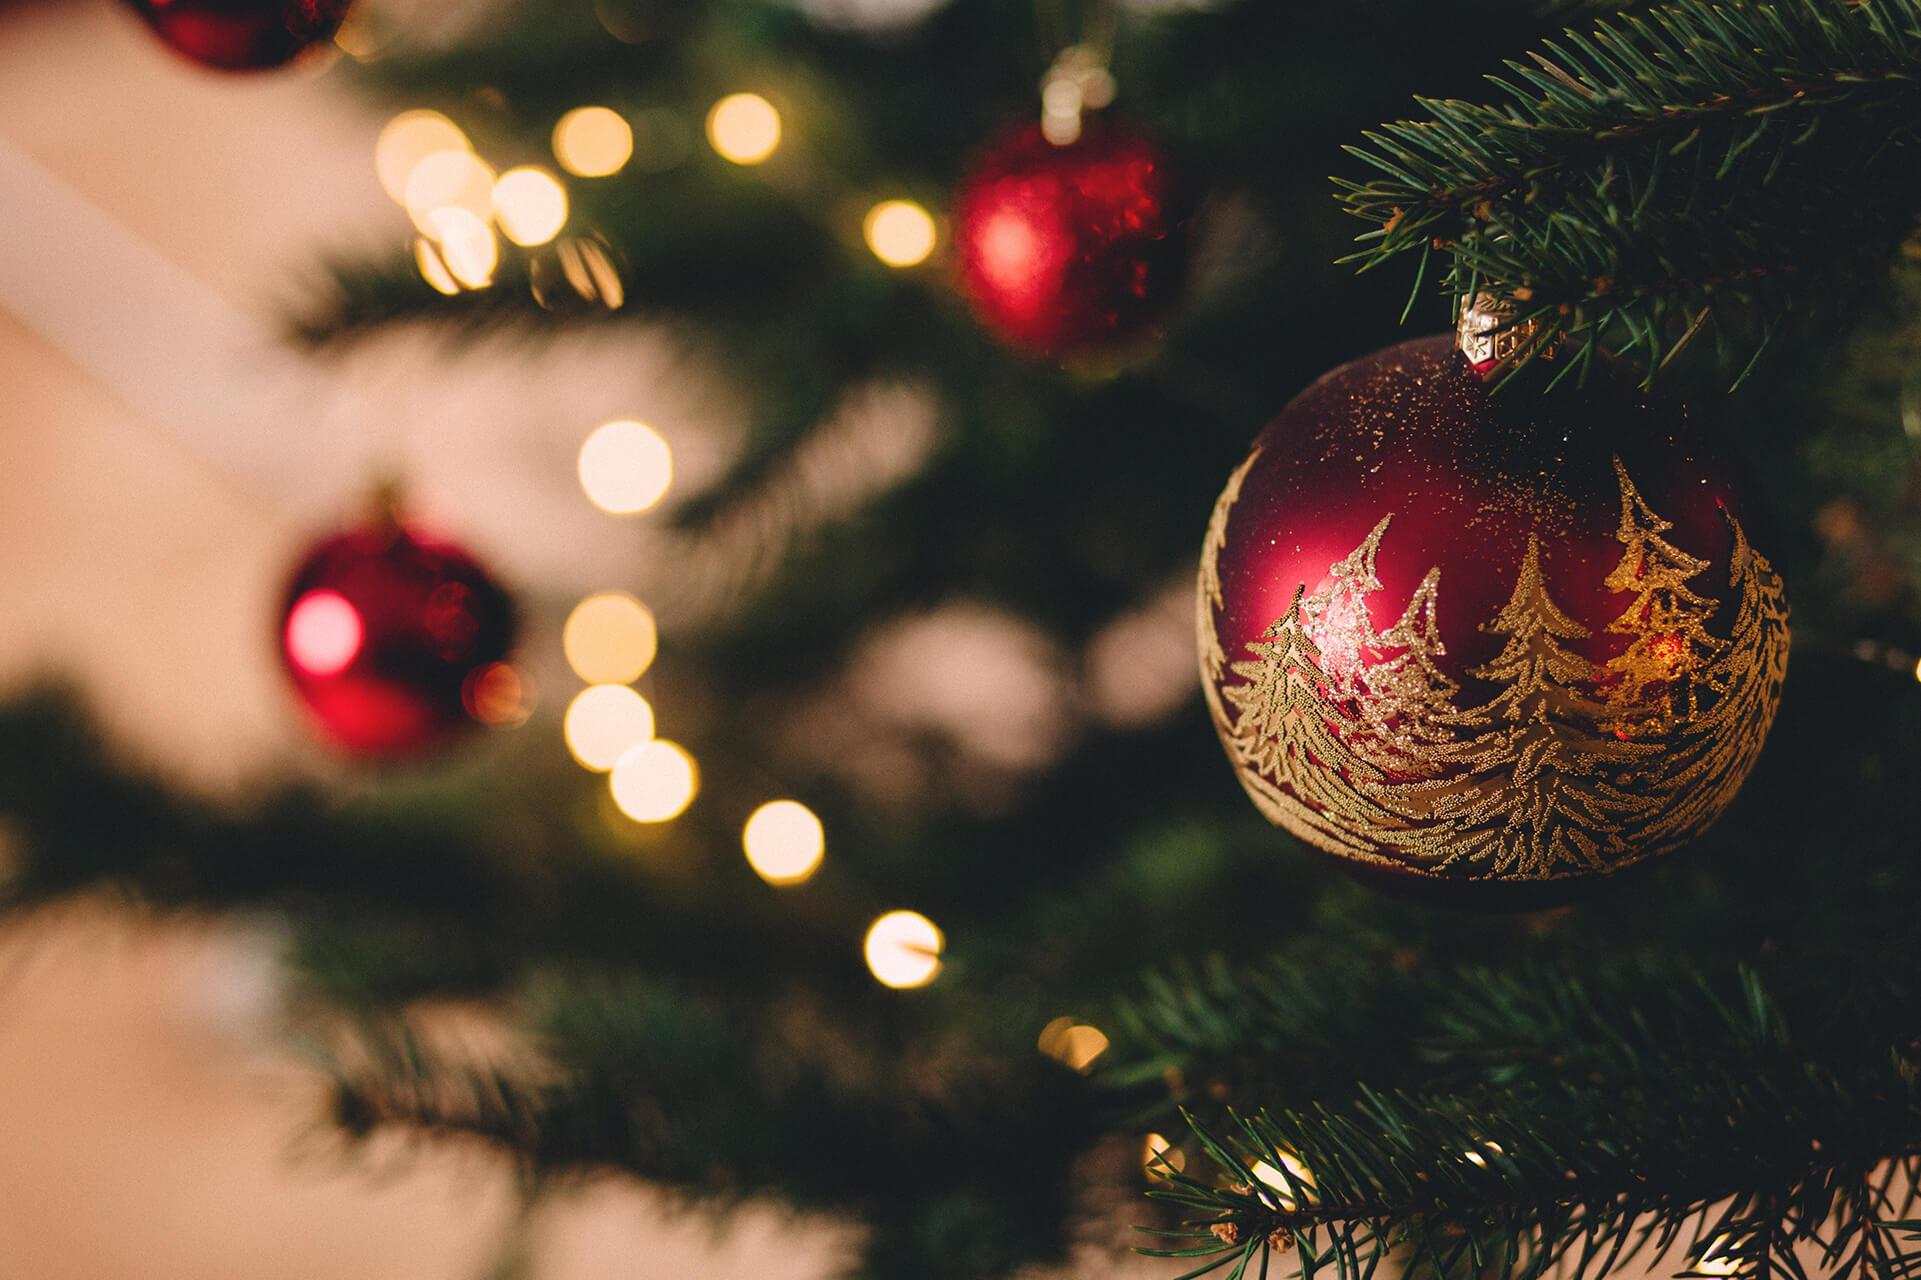 Wann wünscht man in frankreich frohe weihnachten